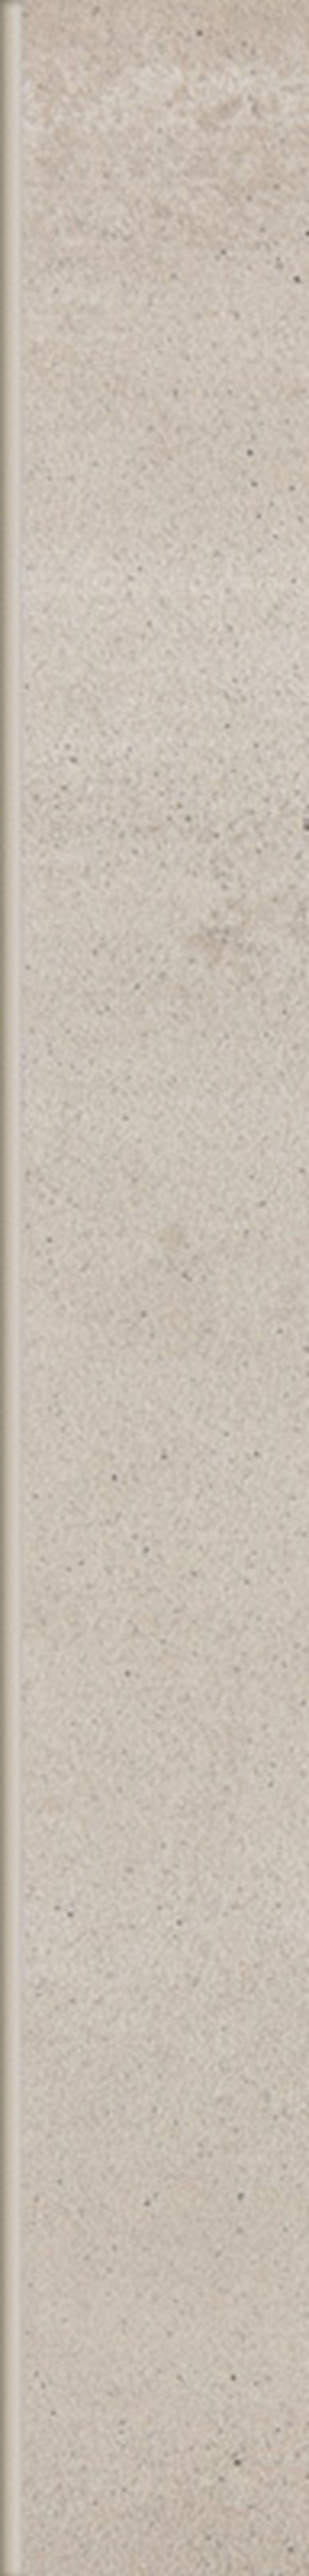 Płytka cokołowa 7,2x59,8 cm  Paradyż Stone Beige Cokół Półpoler